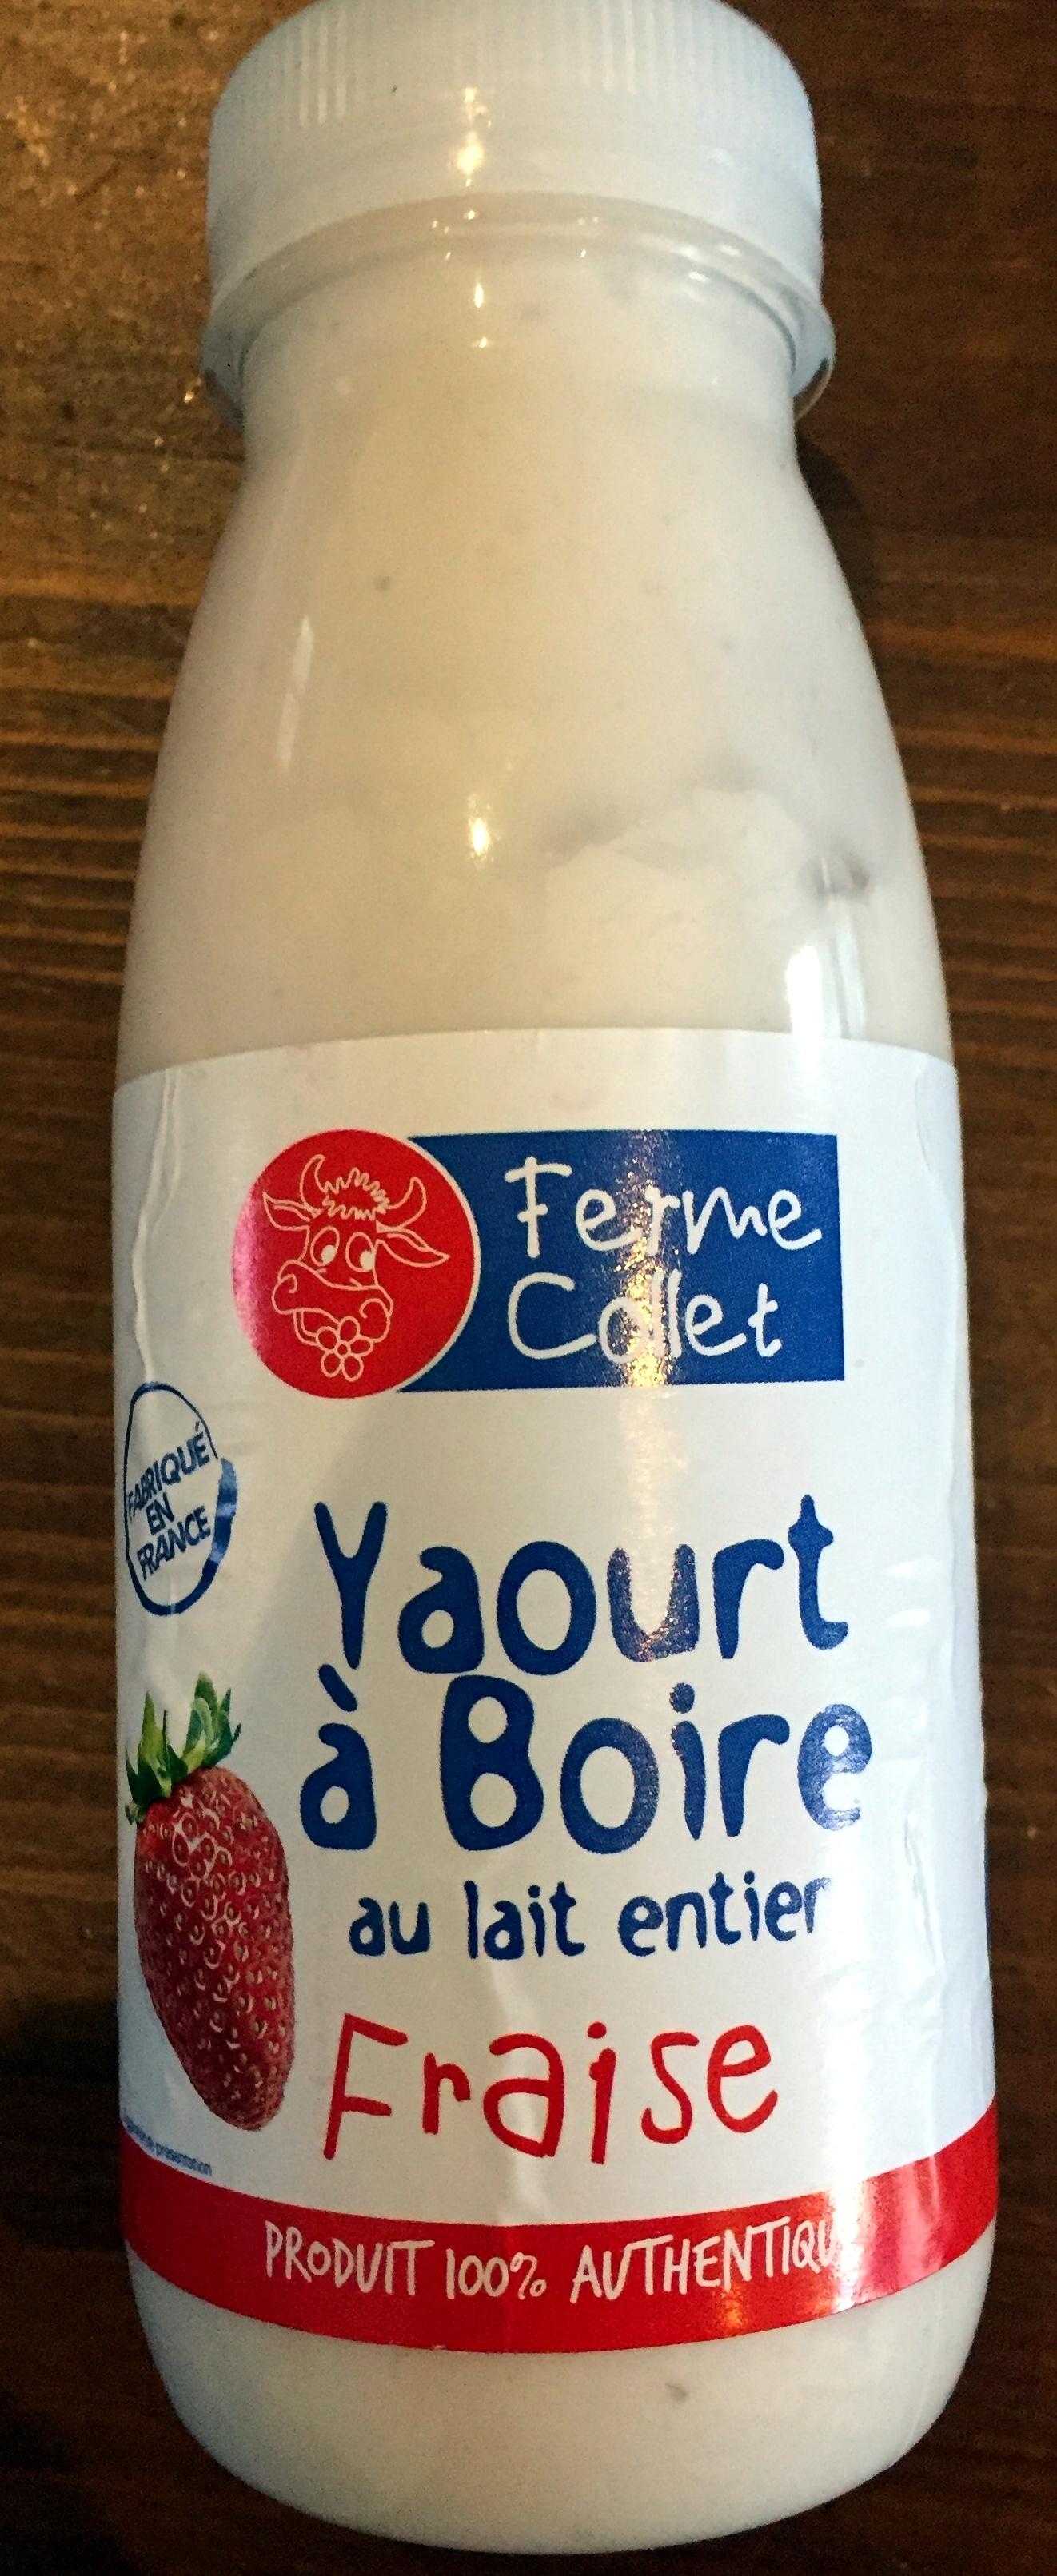 yaourt-a-boire enceinte